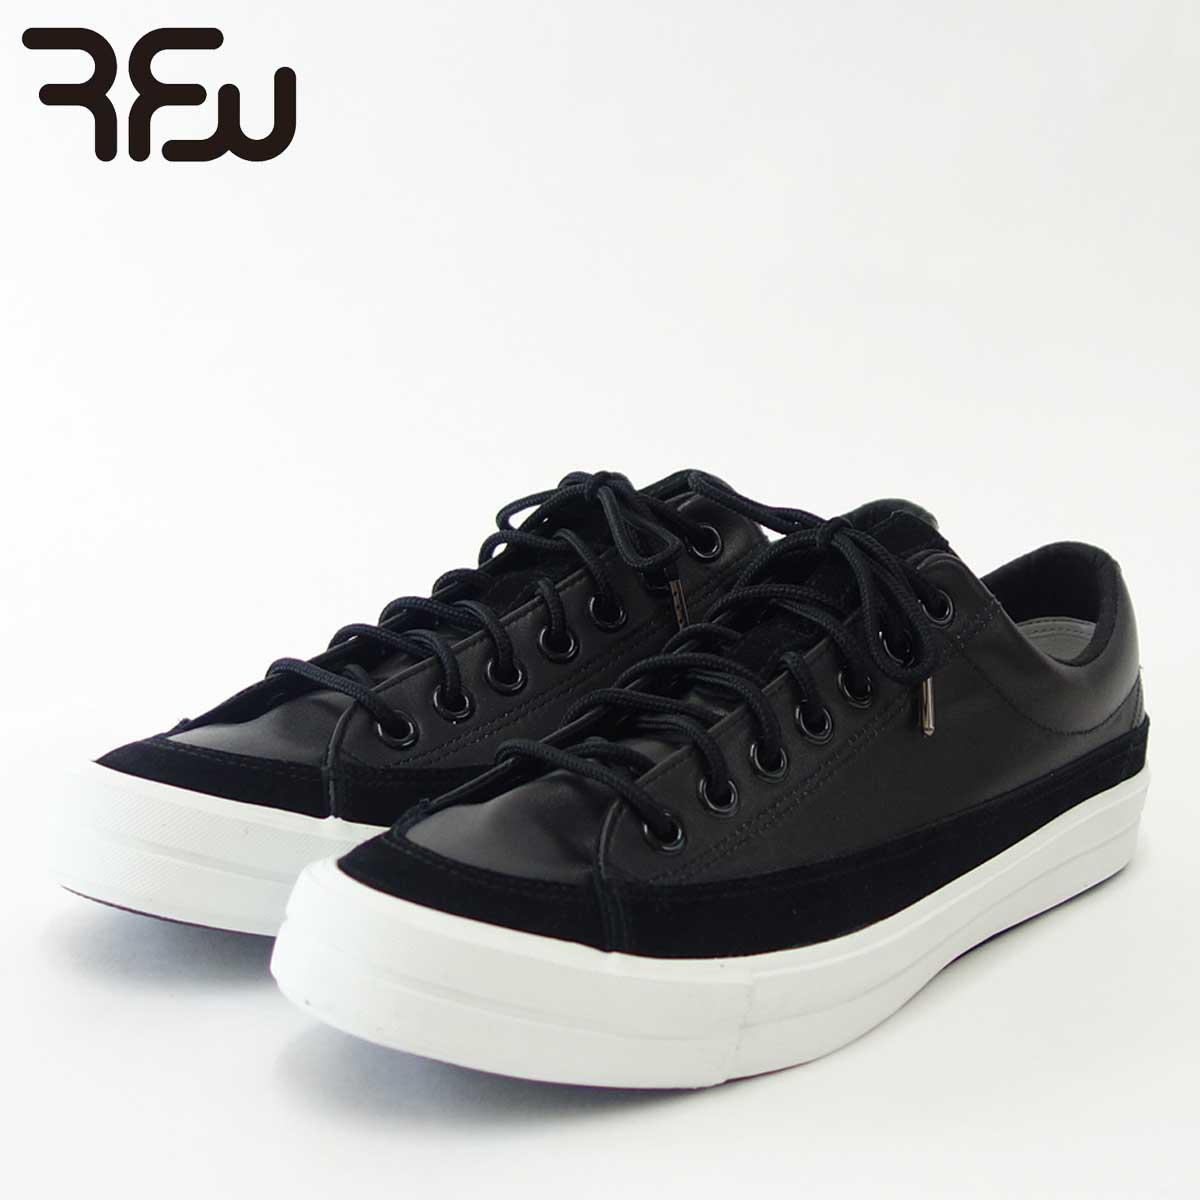 RFW アールエフダブリュー BAGEL-LO LEATHER(ユニセックス)1812252 カラー:ブラック 天然皮革のローカットスニーカー 「靴」